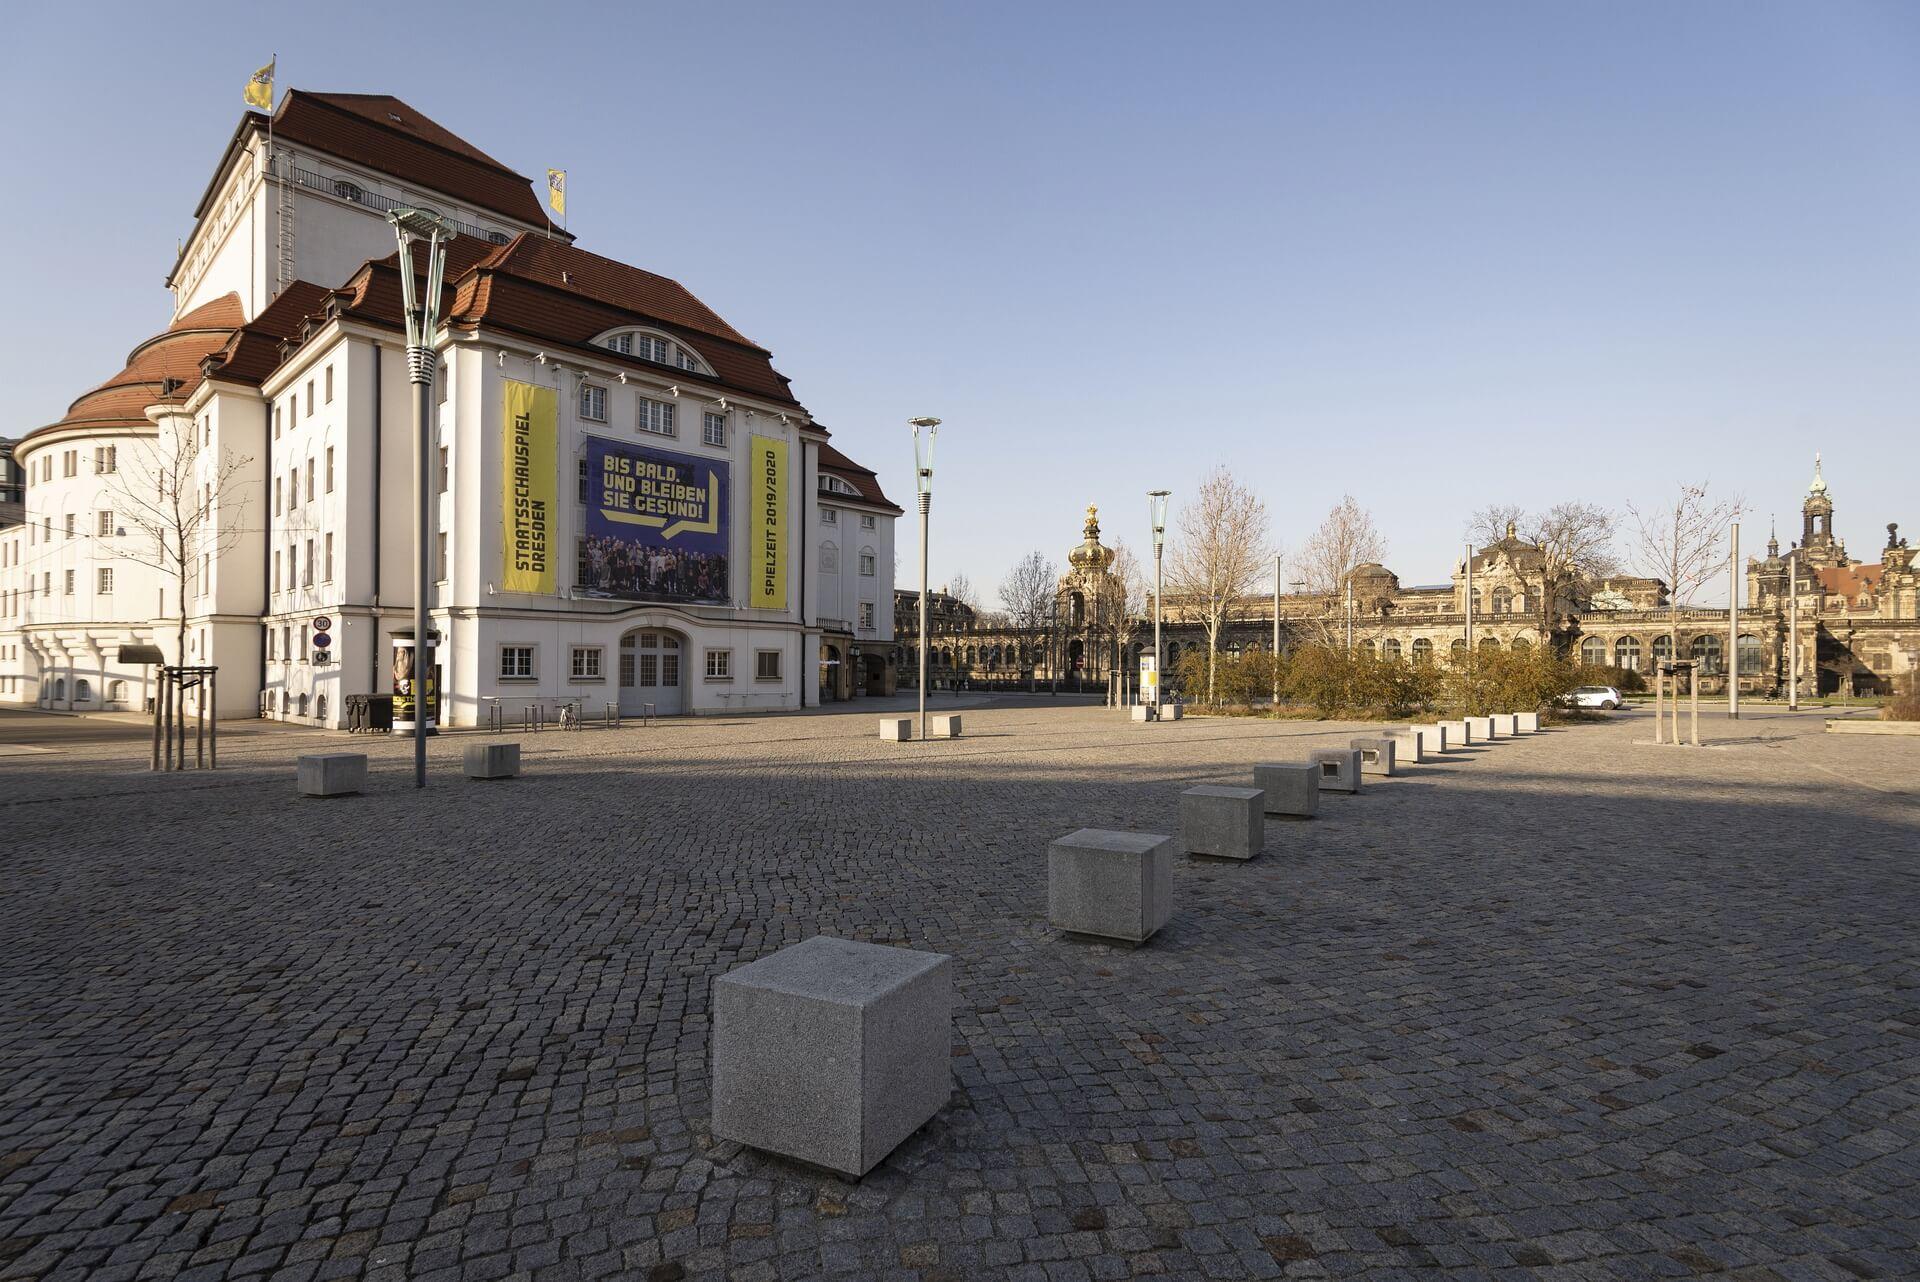 Dresden: Schauspielhaus, Frühjahr 2020, Eindrücke von der Ausgangsbeschränkung während der COVID-19 Pandemie